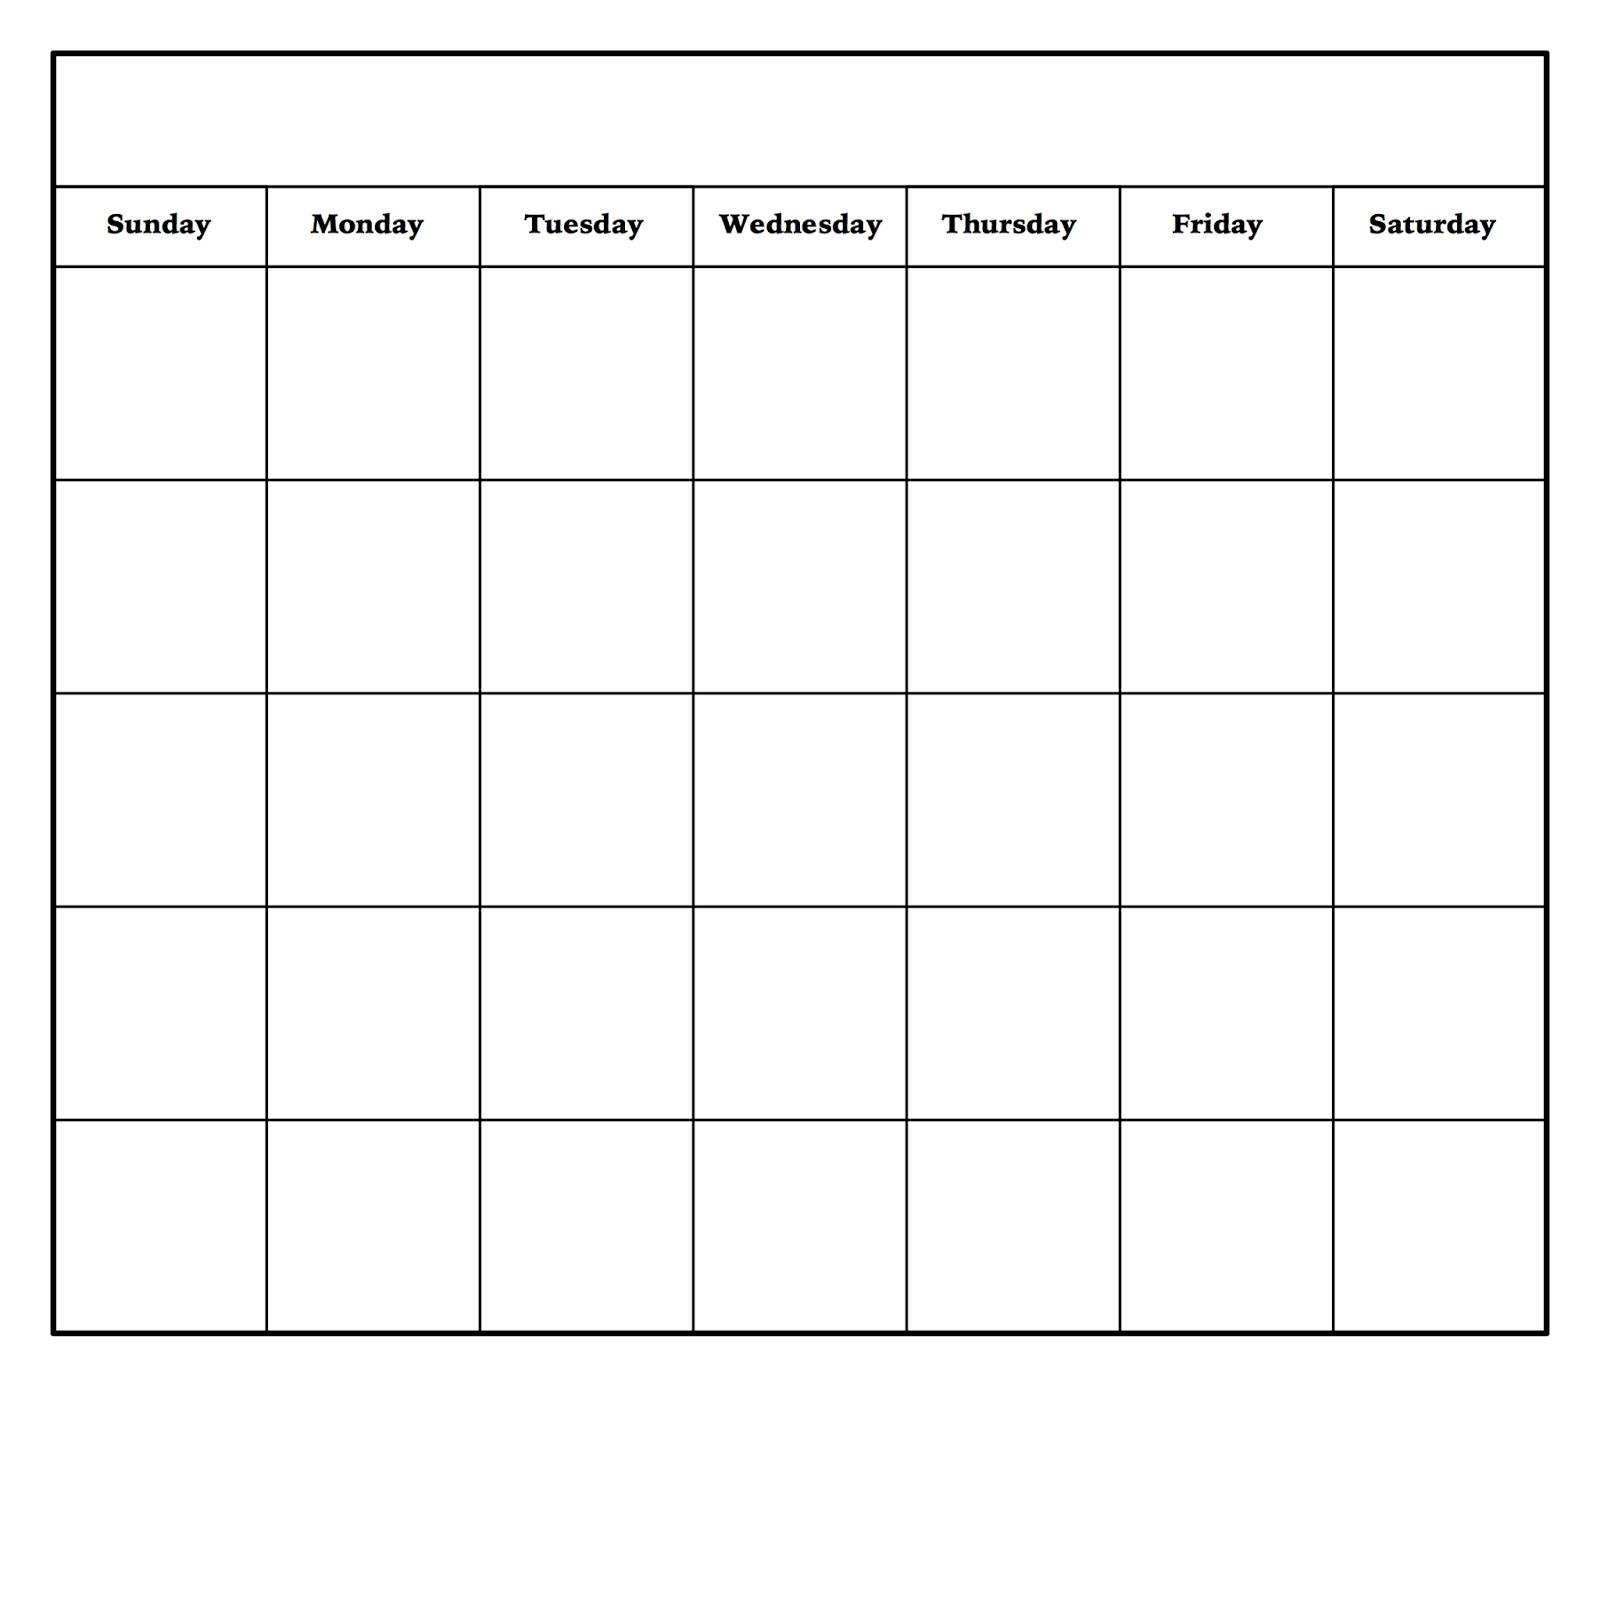 Blank Monday Through Friday Pdf | Calendar Template Printable Monday Through Friday Free Printable Calendar